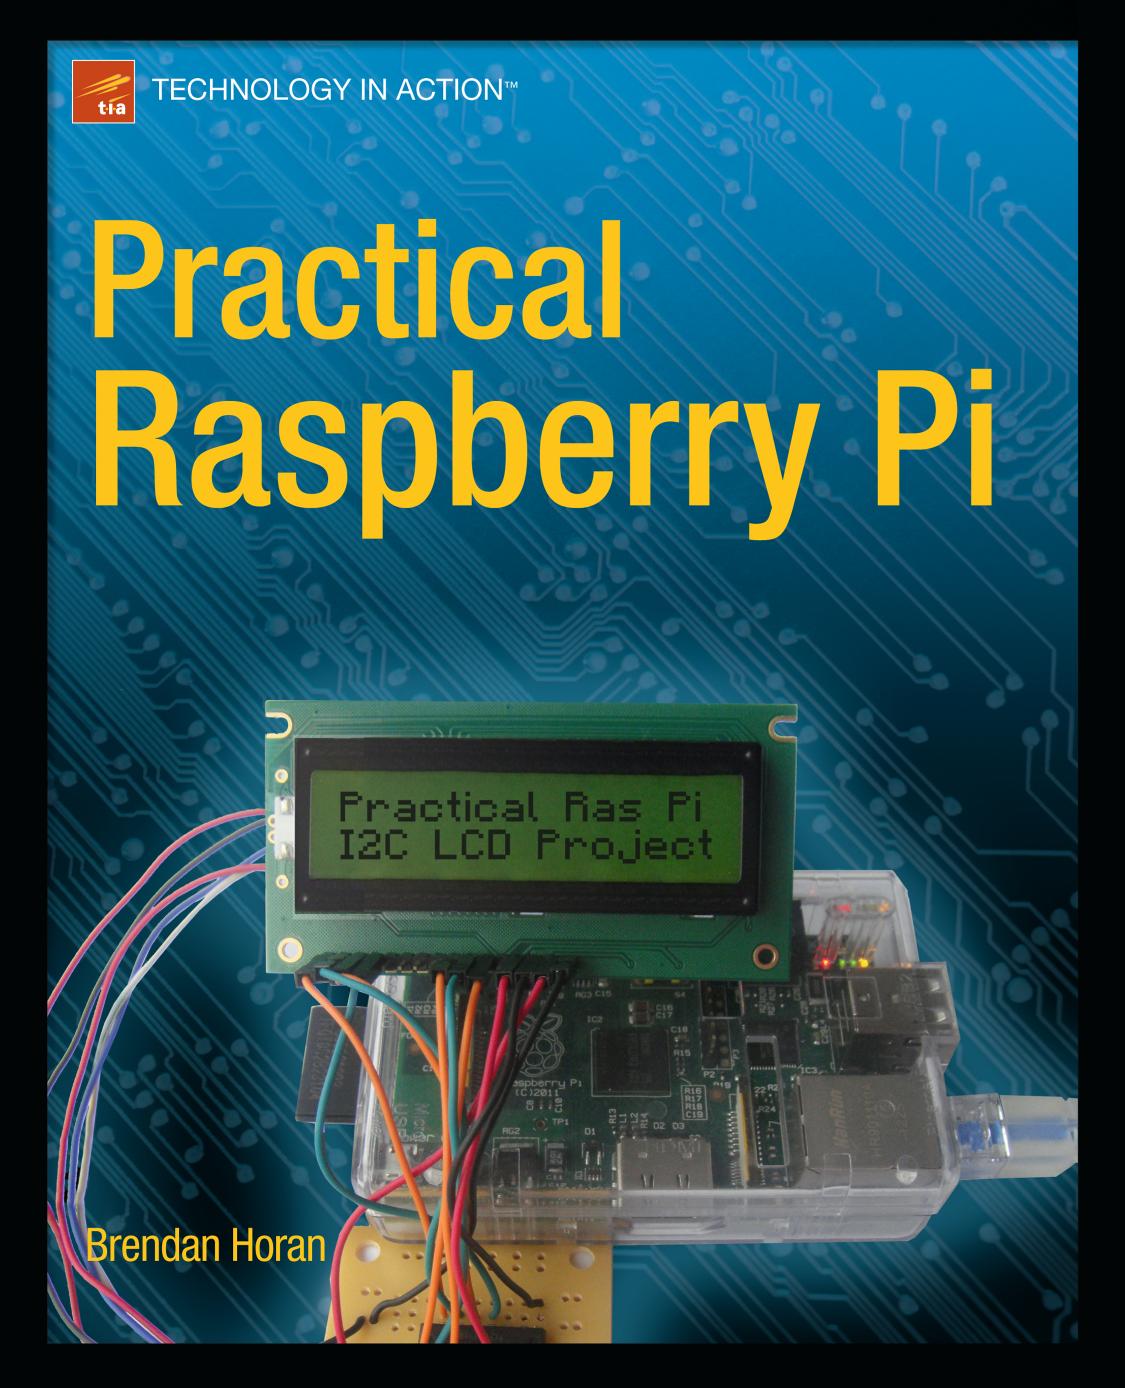 Practical Raspberry Pi | manualzz com